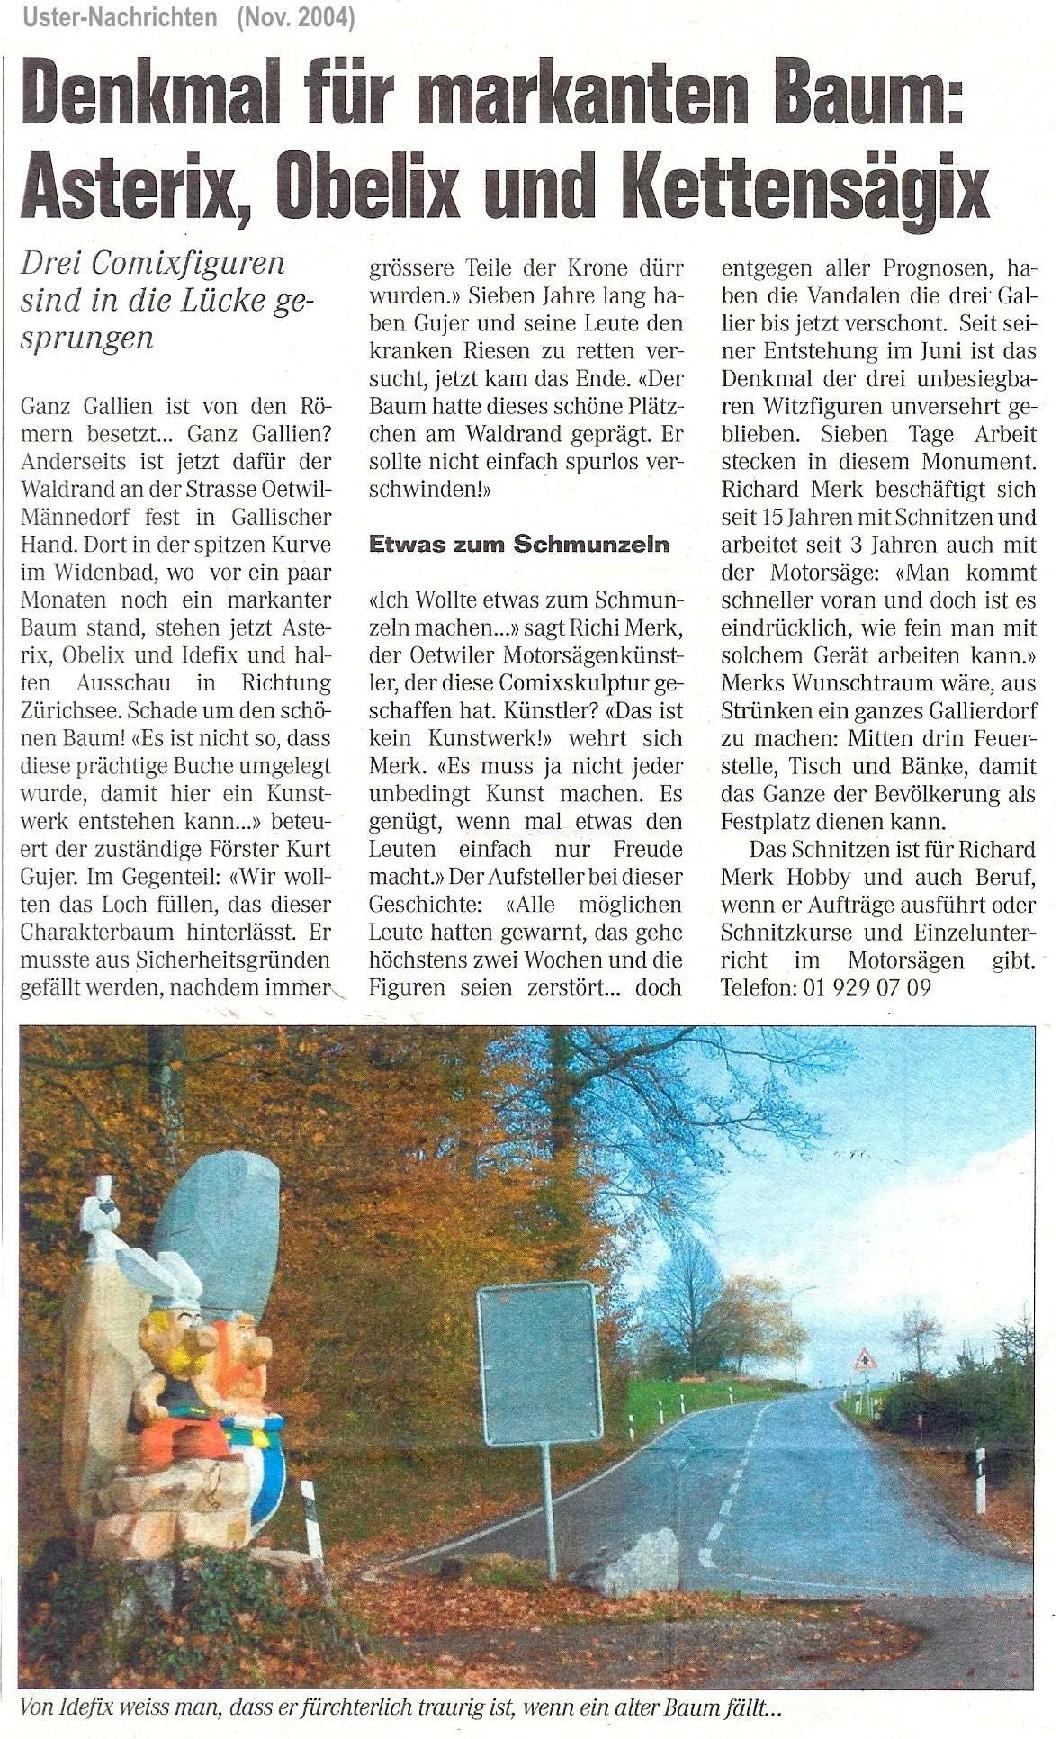 Uster-Nachrichten November 2004